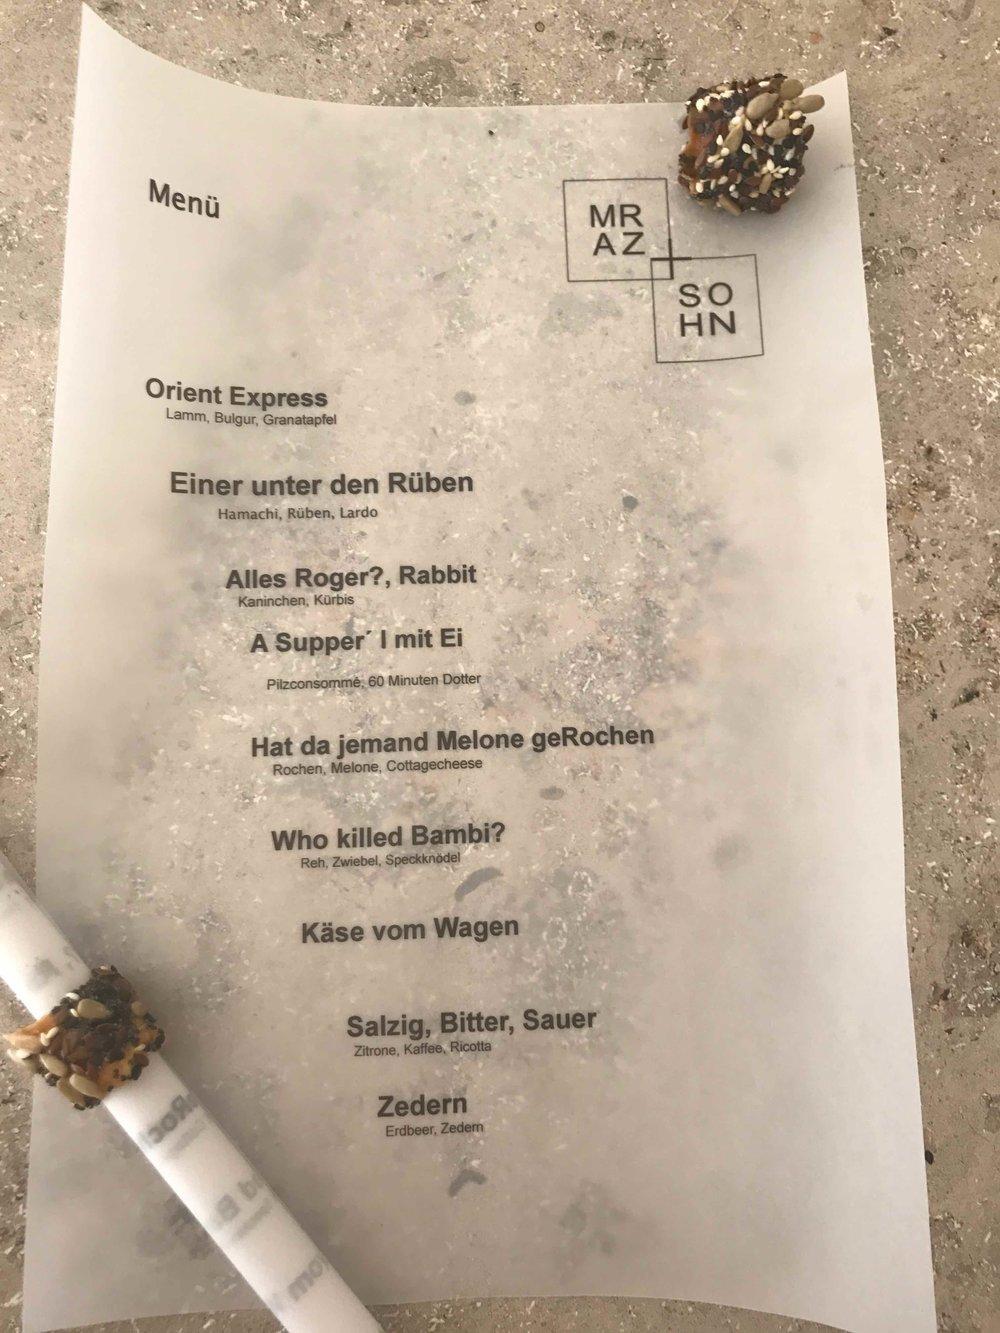 #mrazundsohn #menu #kulinarischges #sternegastronomie #wien #disawistories.jpg